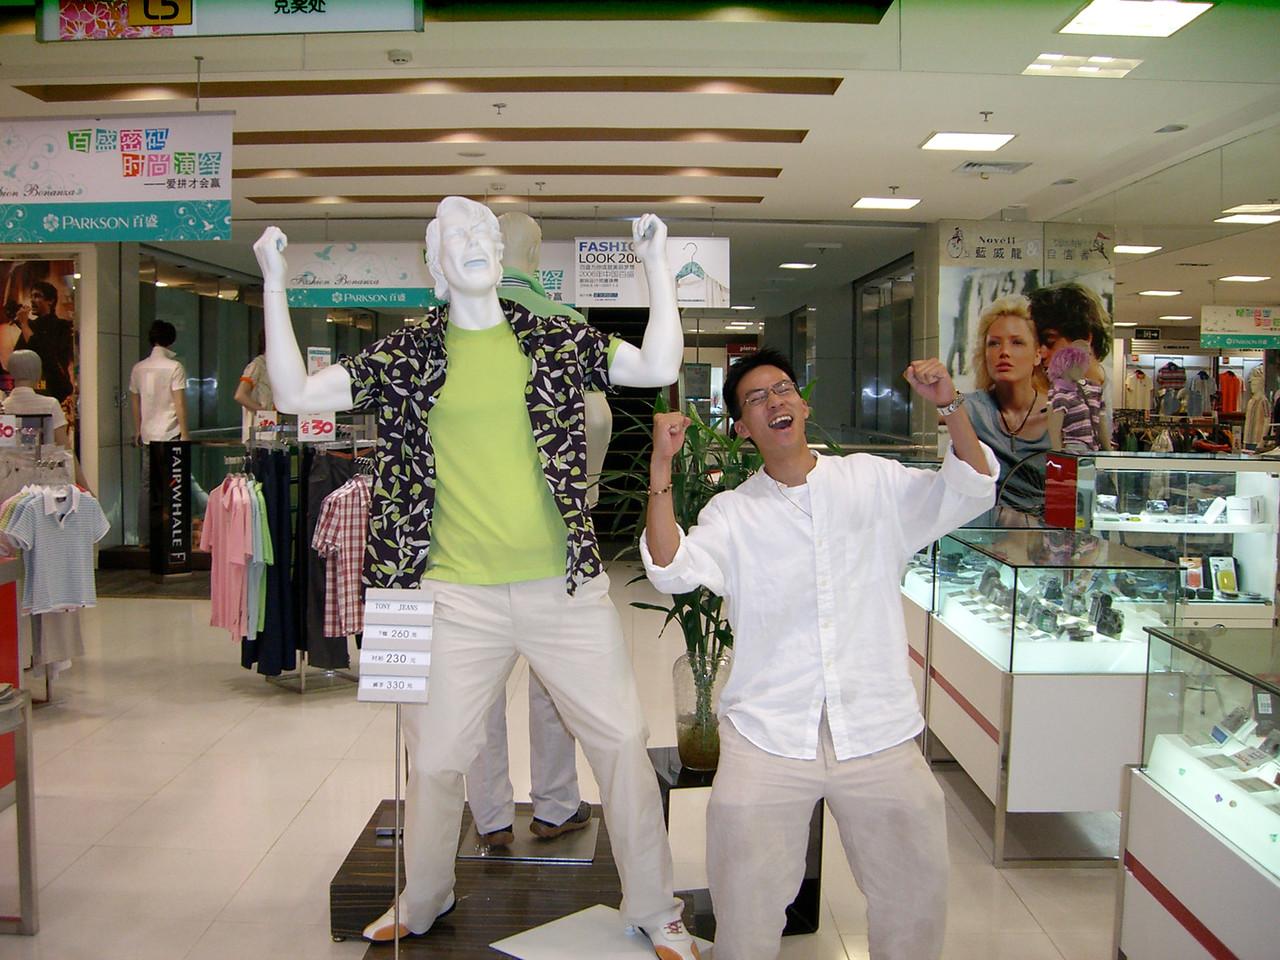 2006 07 14 Fri - Models Mannequin & Ben Yu